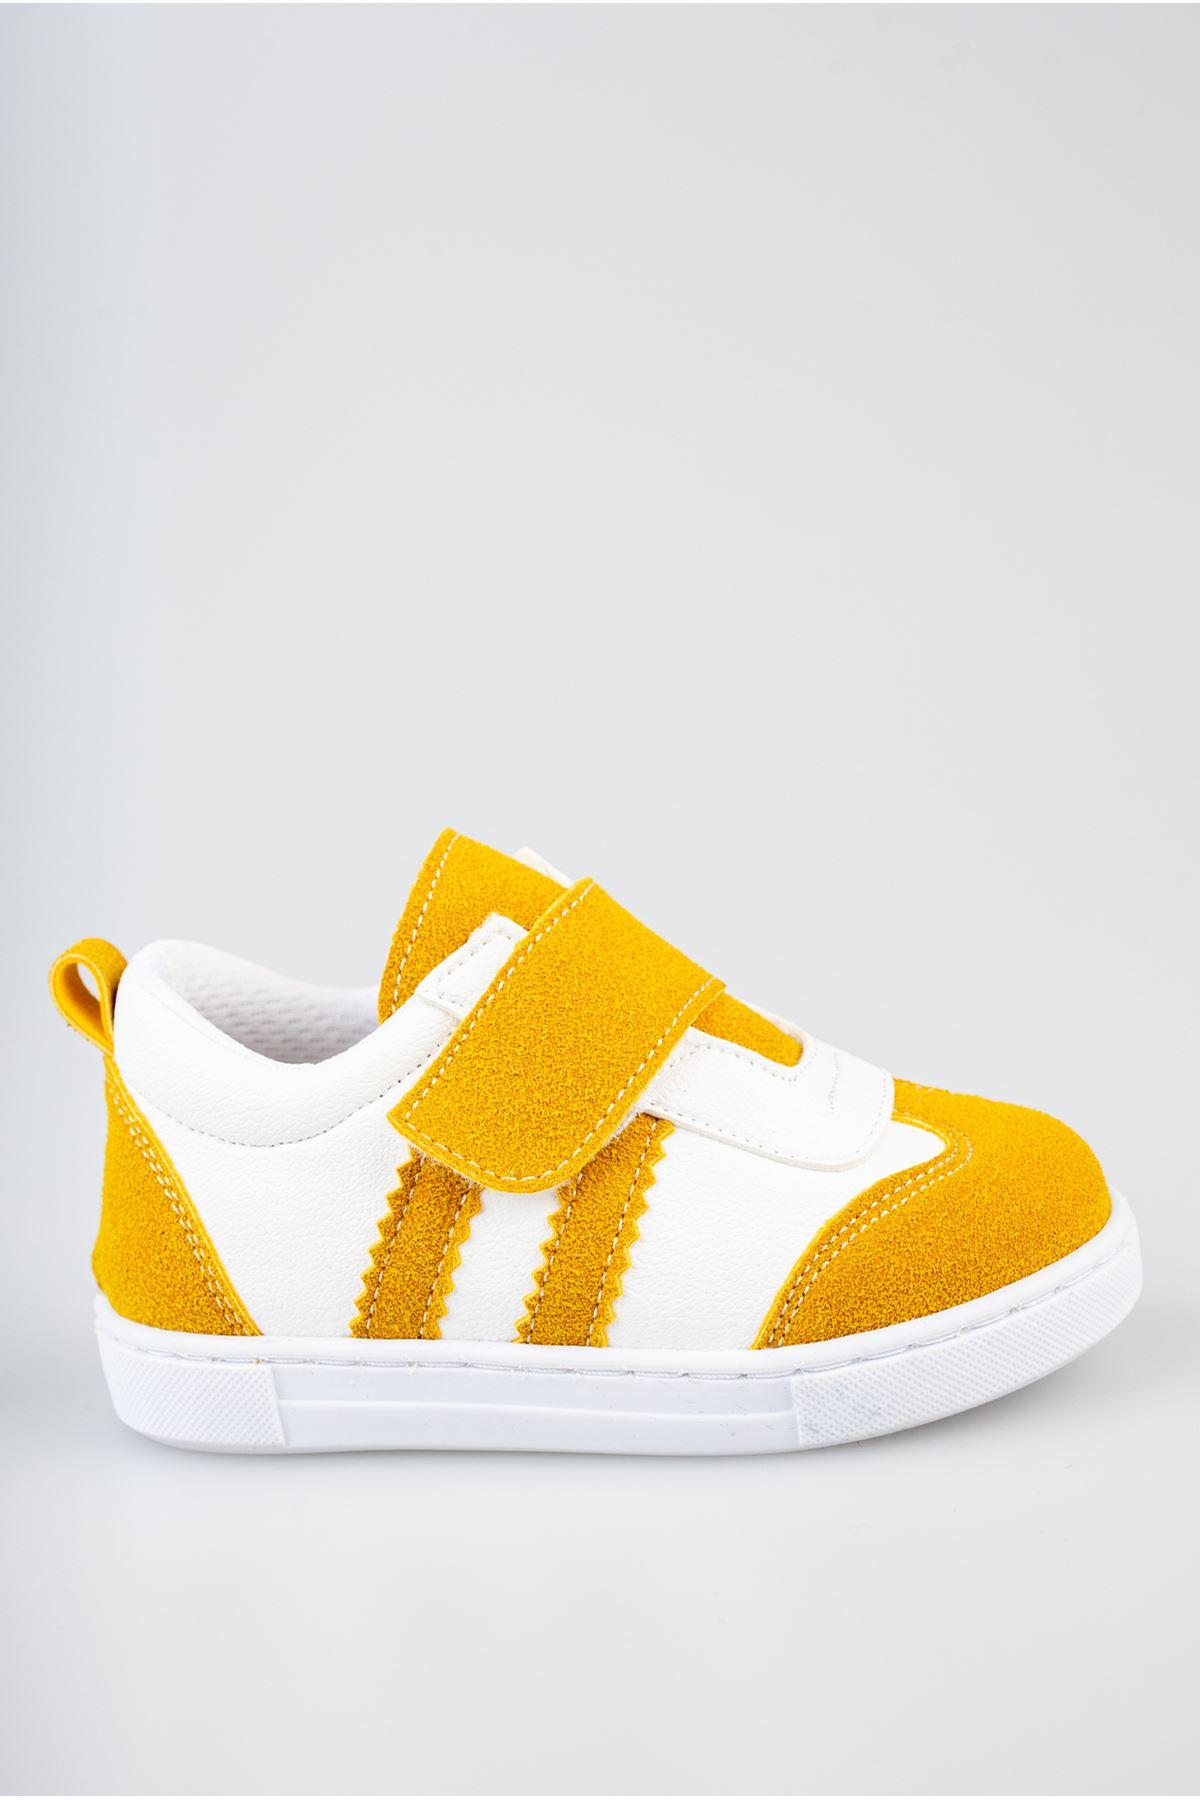 Ortapedik Pedli Cırtlı Hardal Bebe Ayakkabı